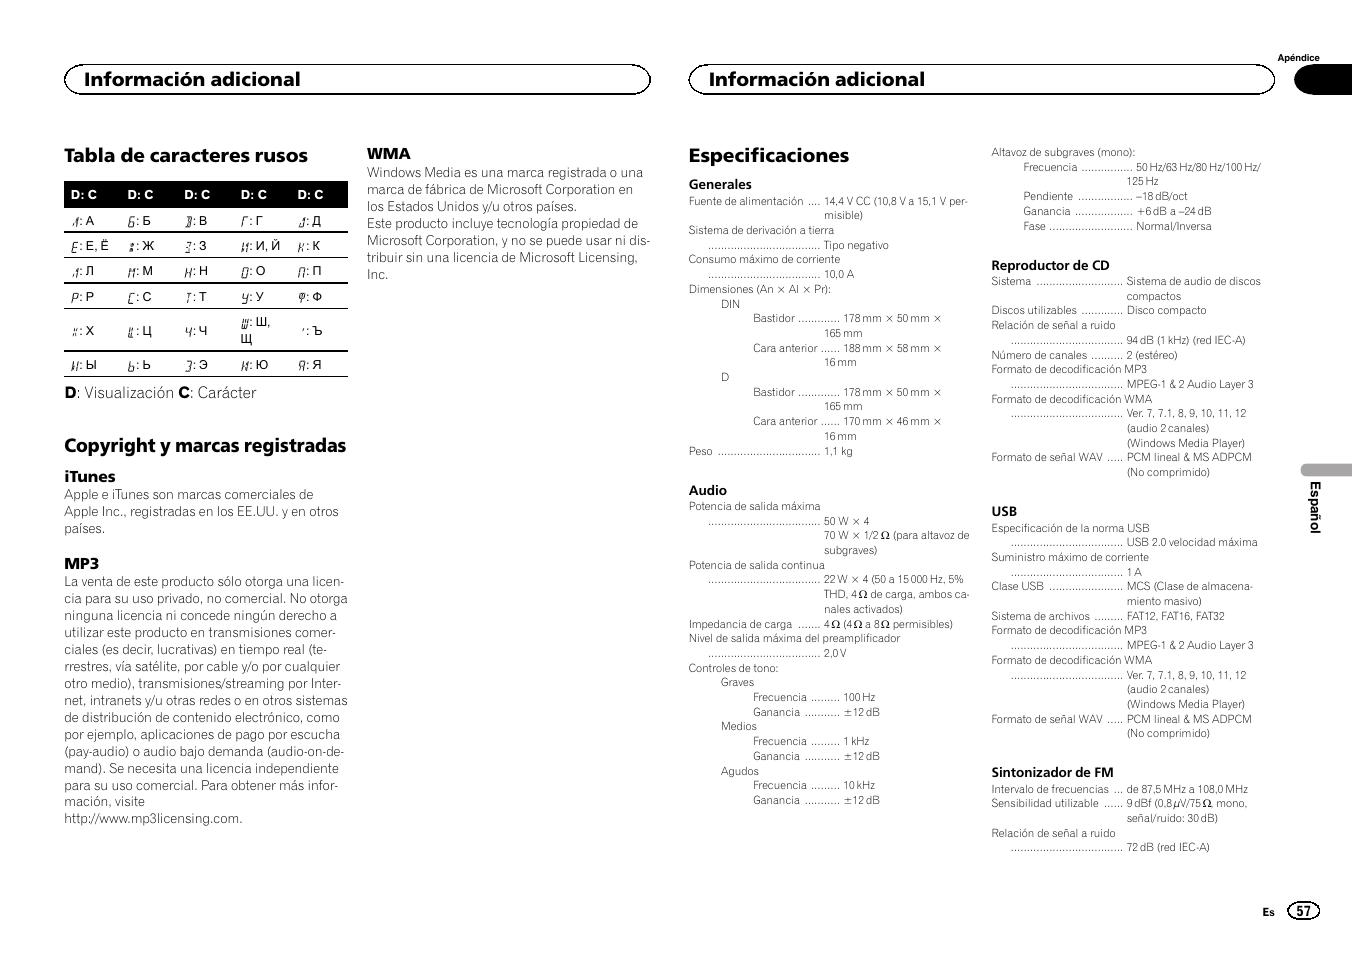 Tabla de caracteres rusos, Copyright y marcas registradas